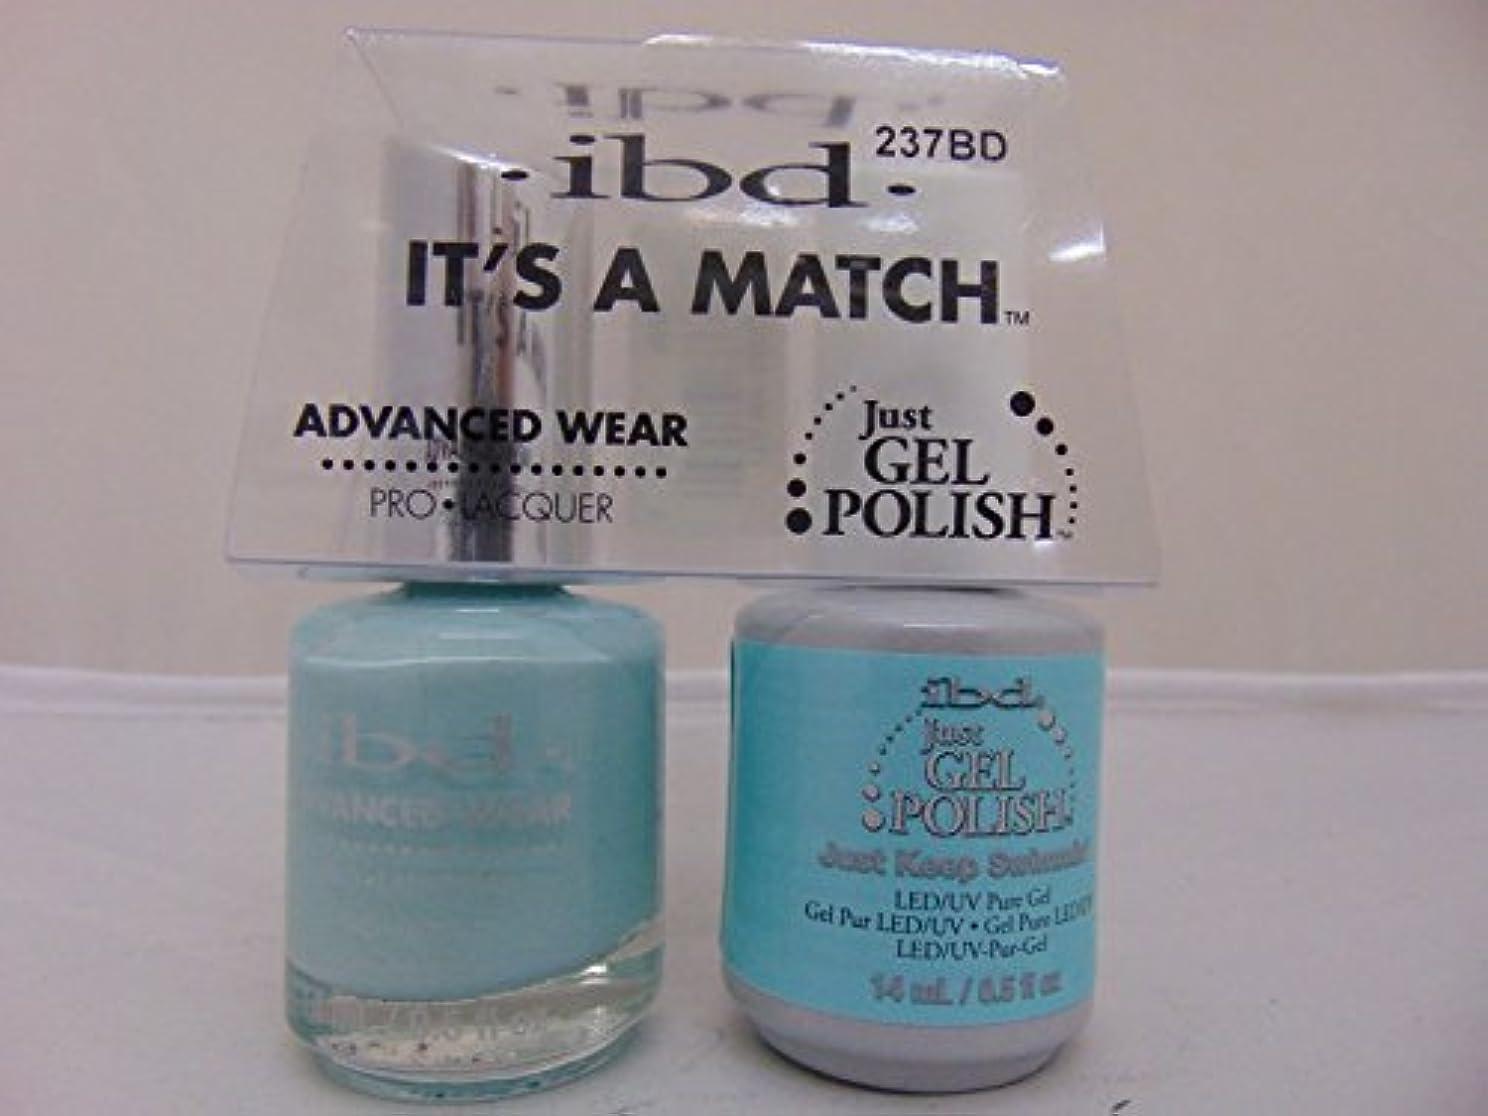 太鼓腹上がるバンジージャンプibd - It's A Match -Duo Pack- Just Keep Swimmin' - 14 mL / 0.5 oz Each